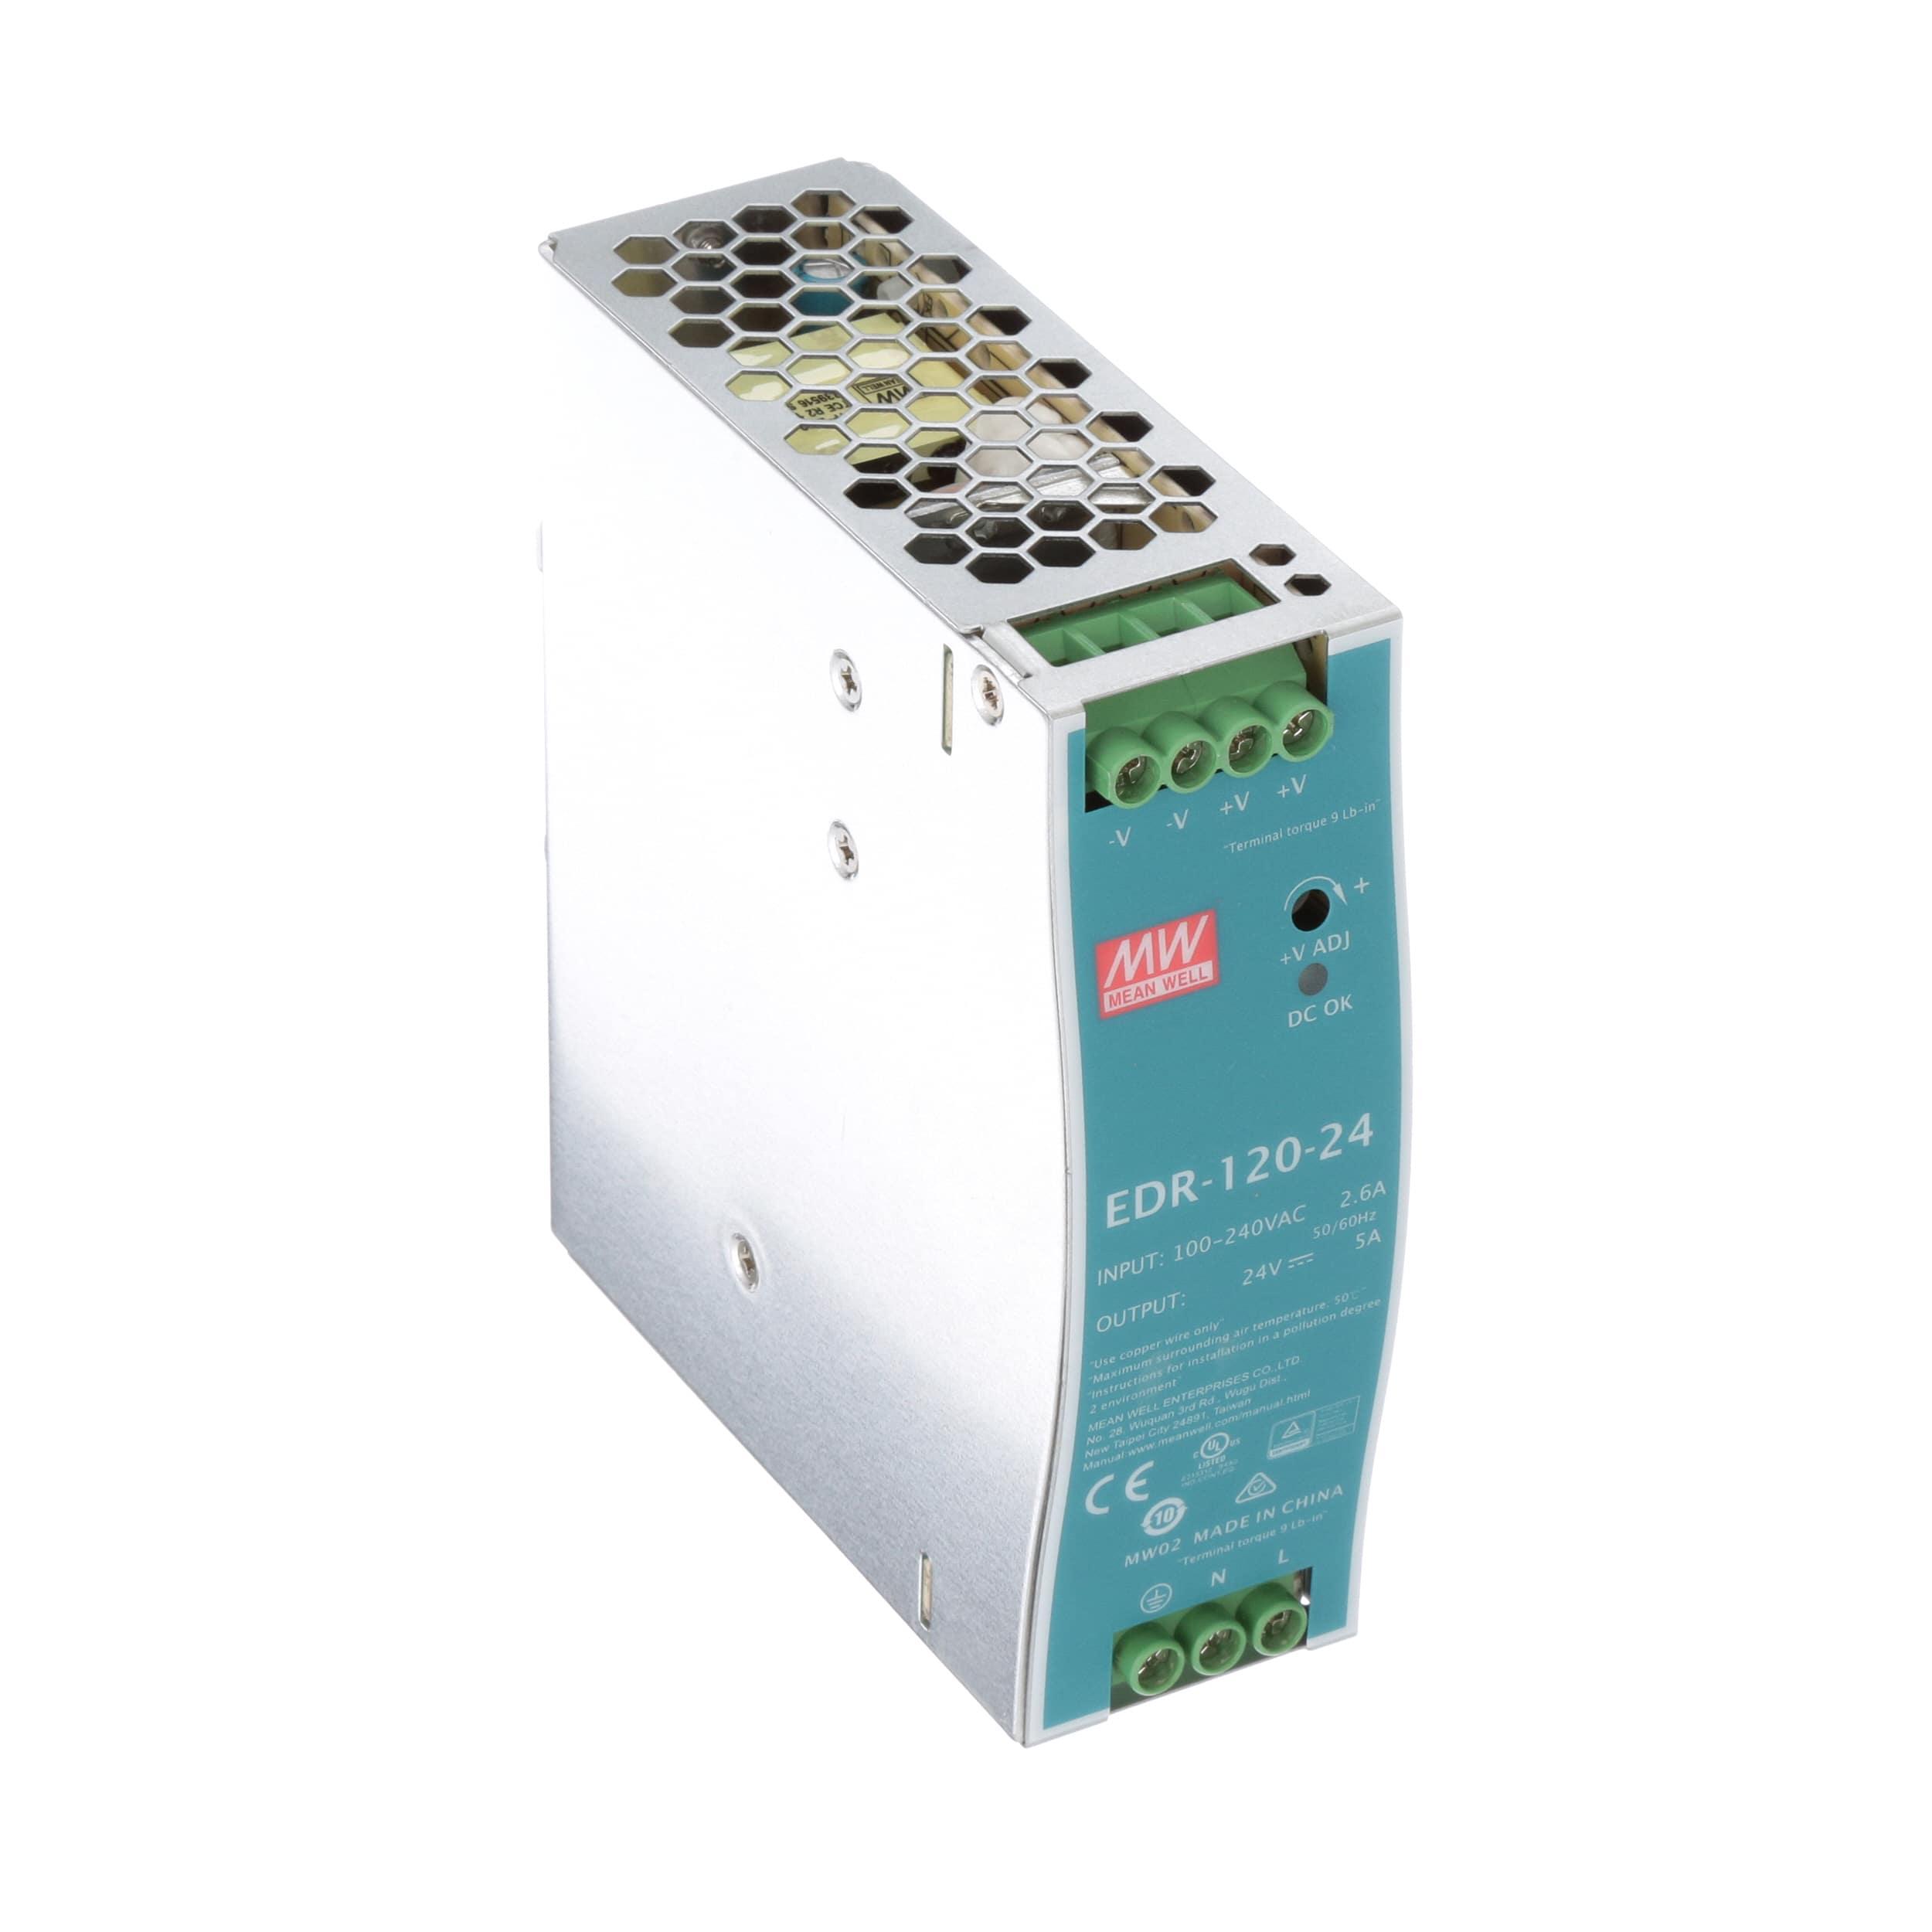 Nguồn tổ ong MEANWELL 24V 5A / EDR-120-24 có chỗng nhiễu lắp cho tủ điện